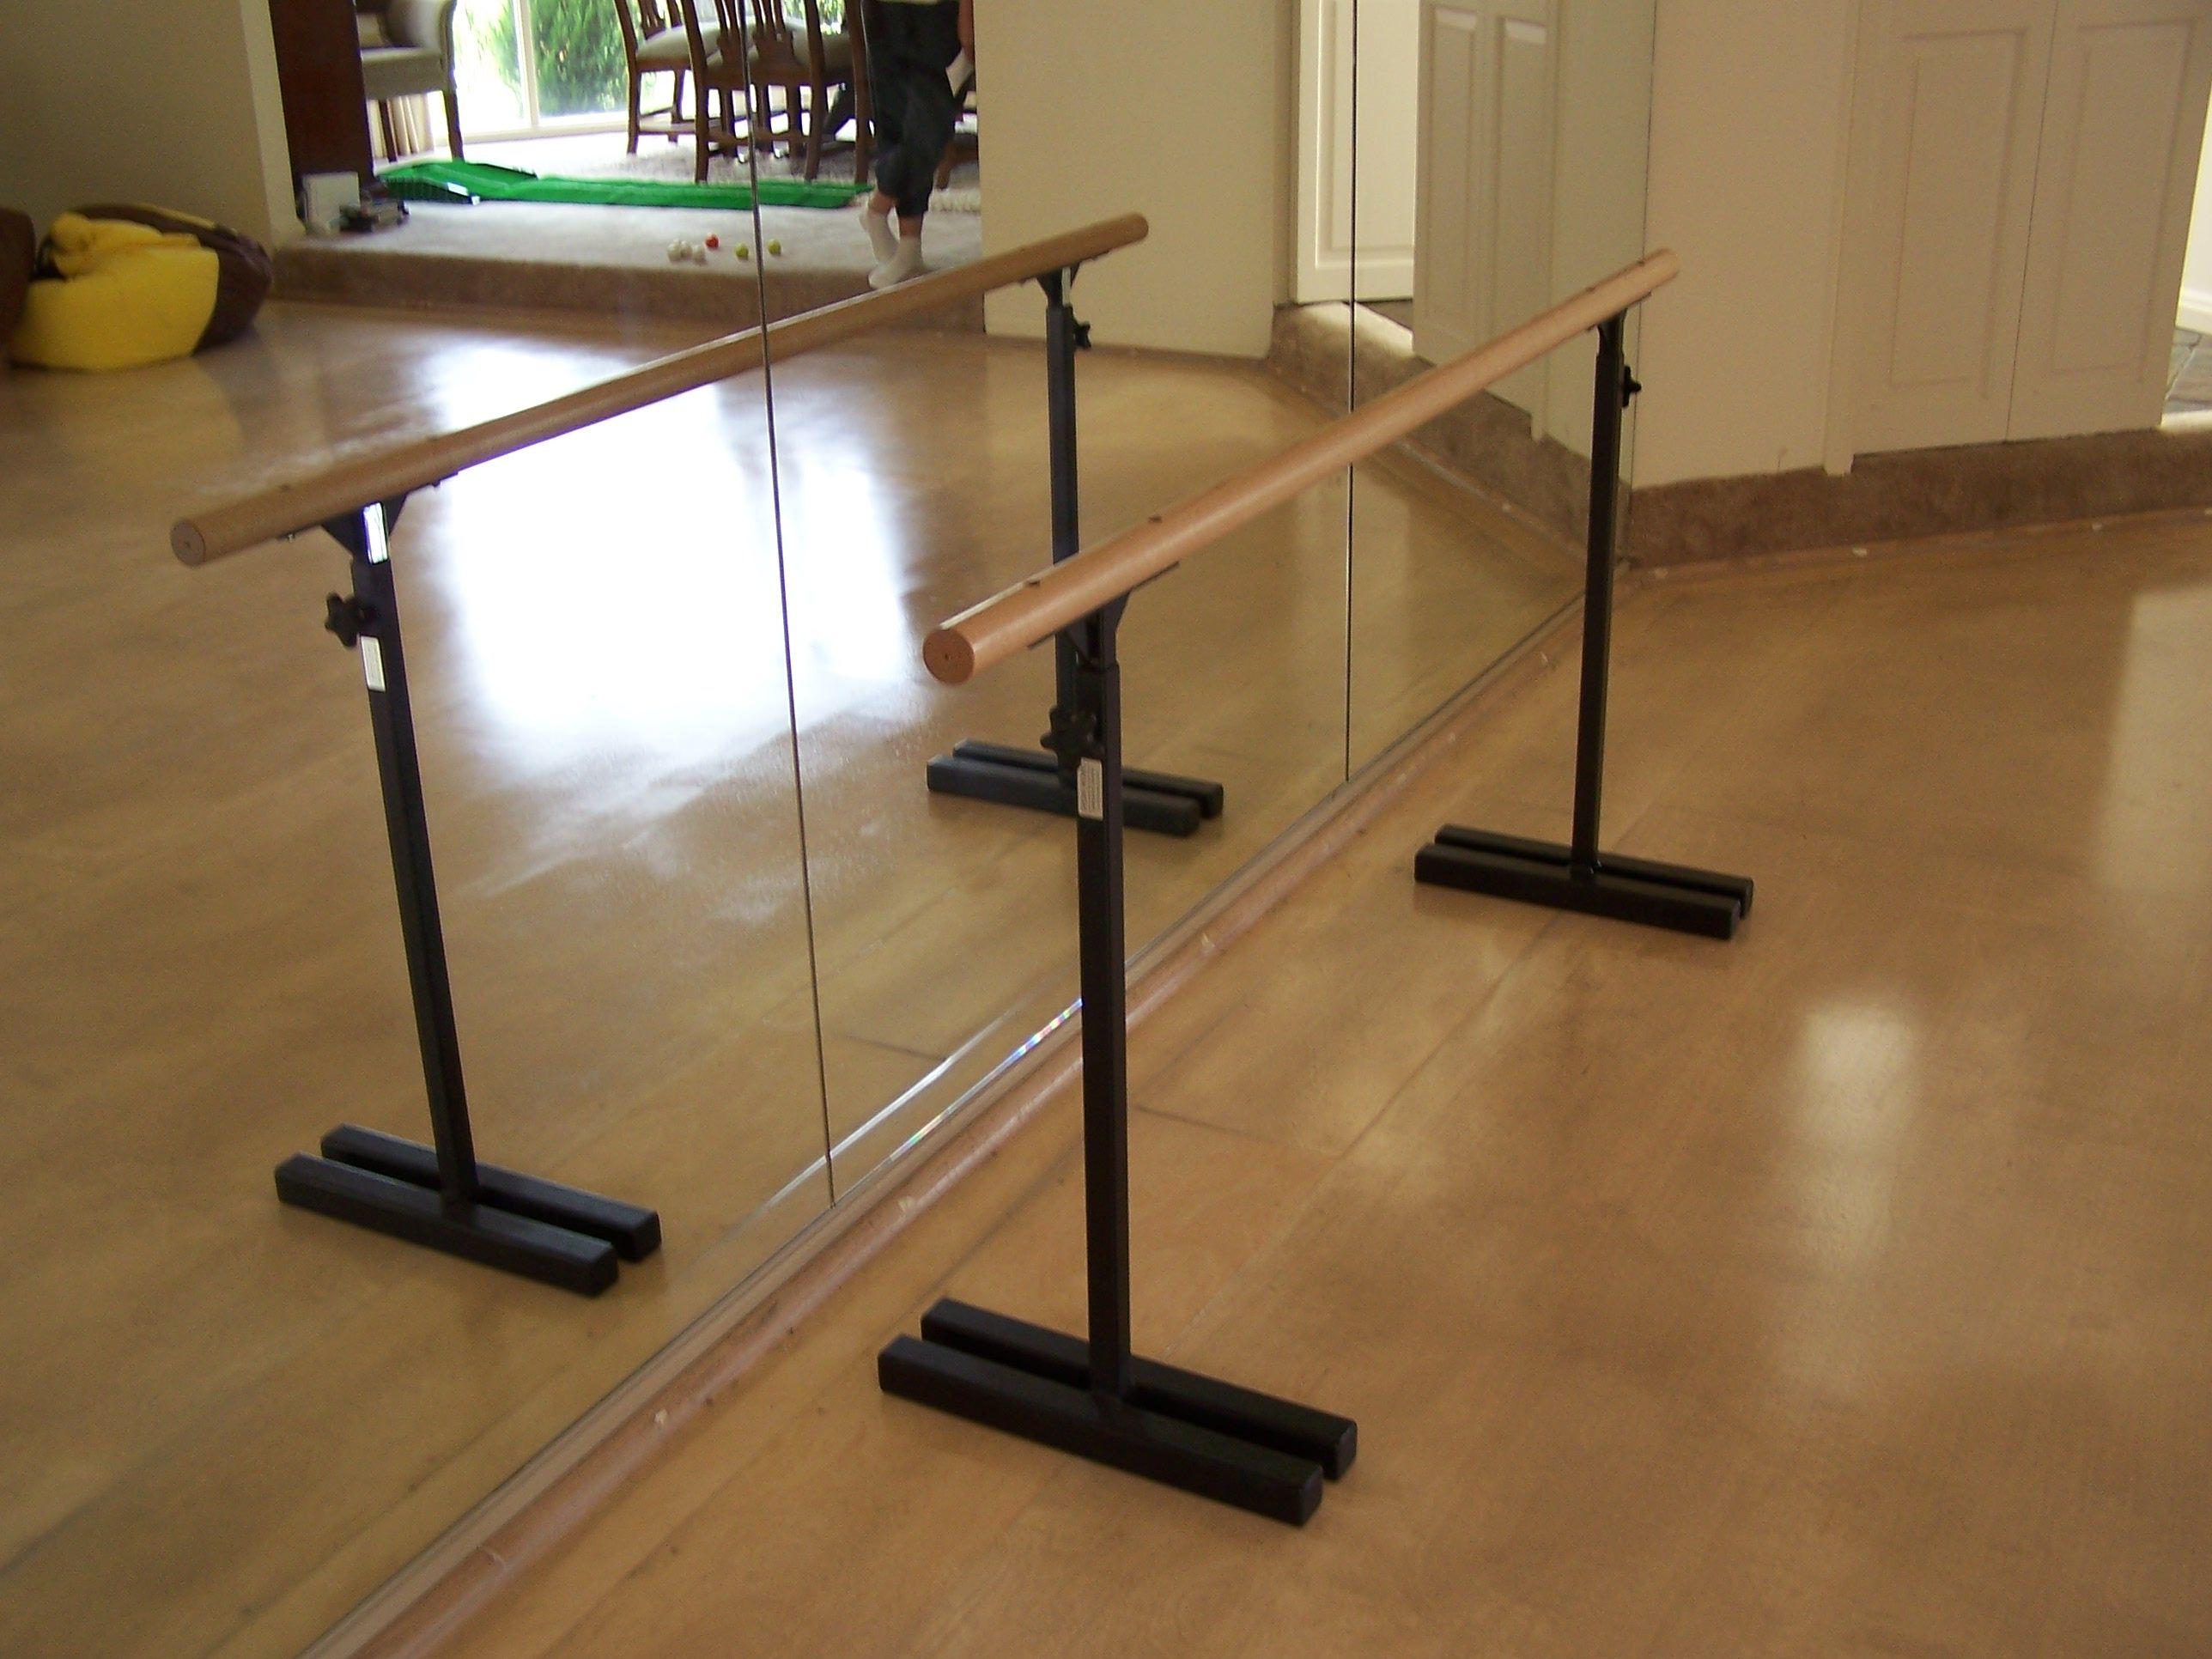 Ballet Bars For Home Use Stm Studio Supplies Adjustable